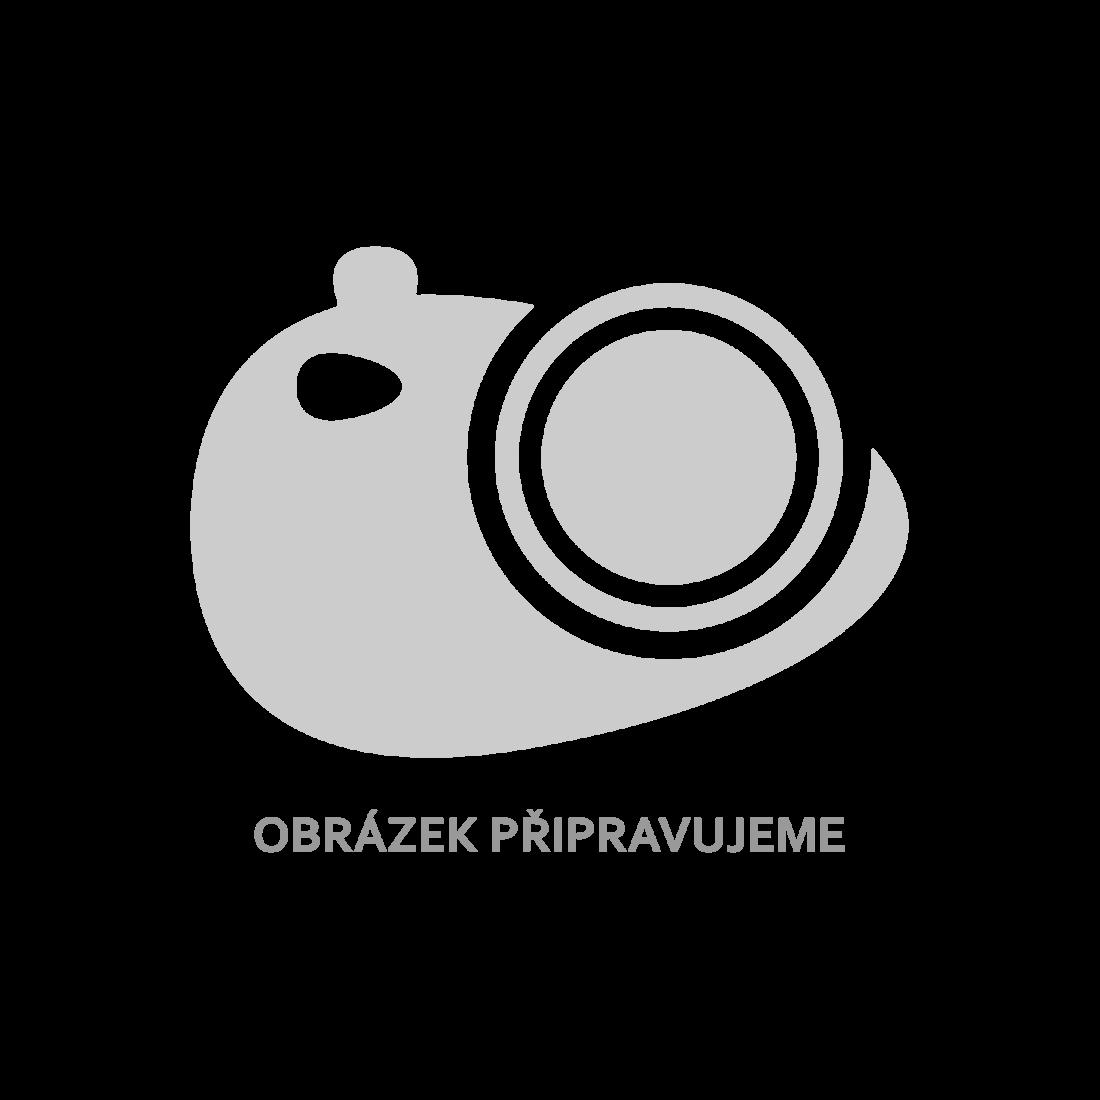 vidaXL 4dílný paraván krémově bílý 200 x 180 cm [320719]